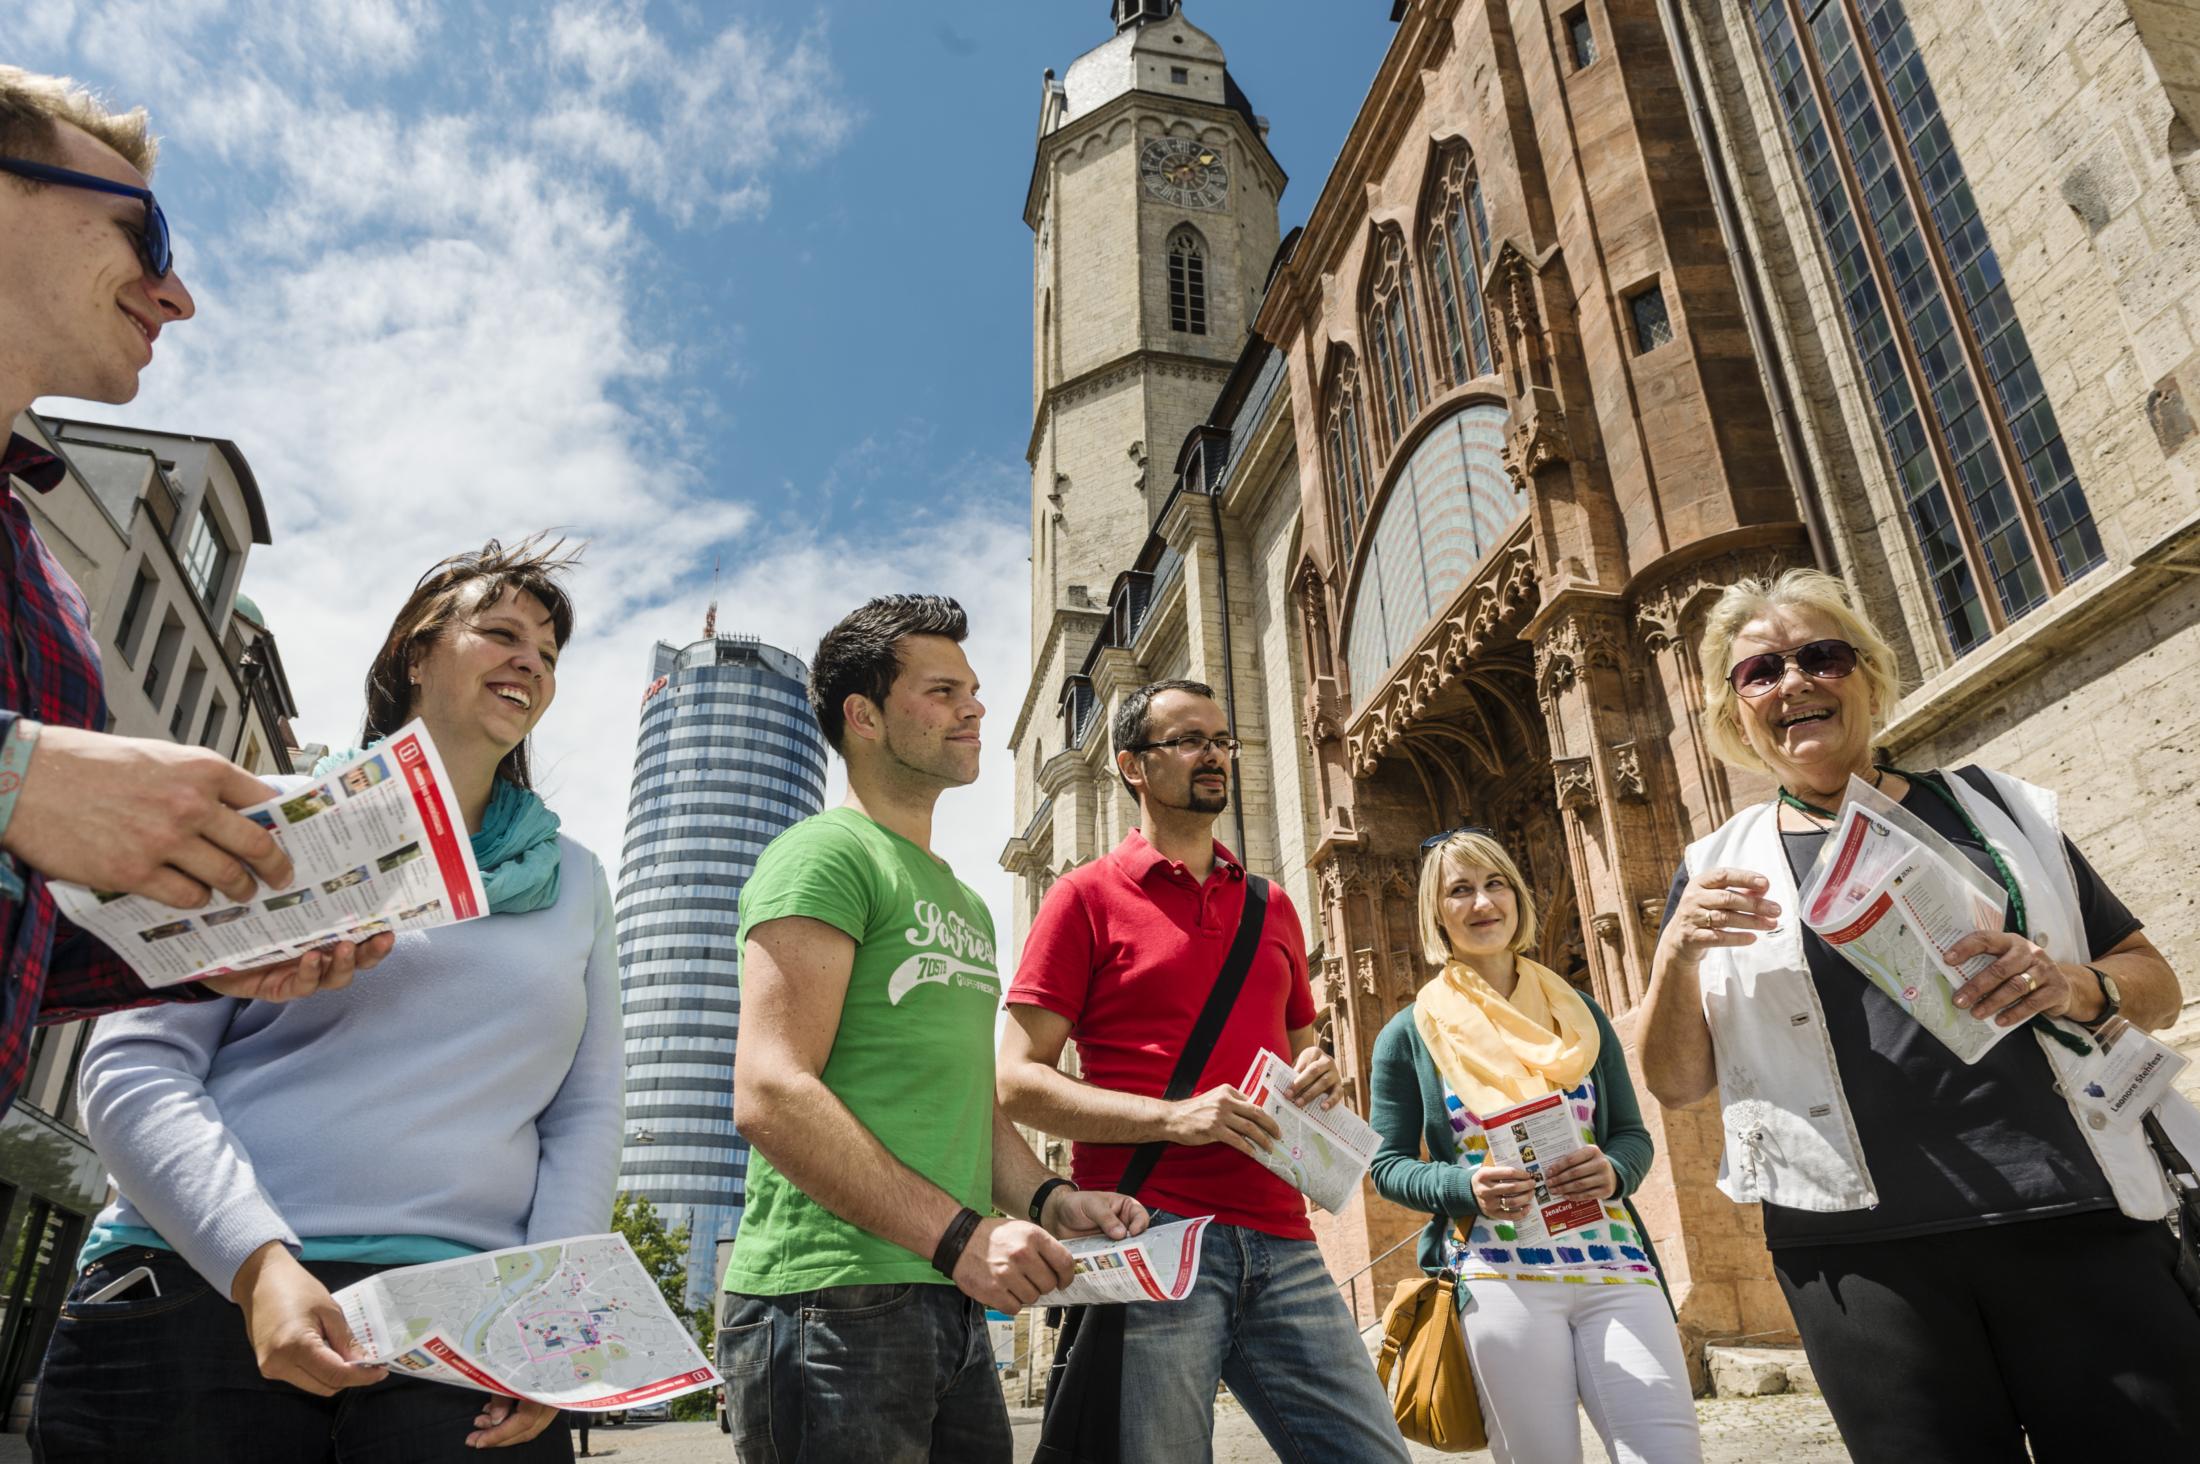 Besucher bei einer Stadtführung vor der Stadtkirche St. Michael